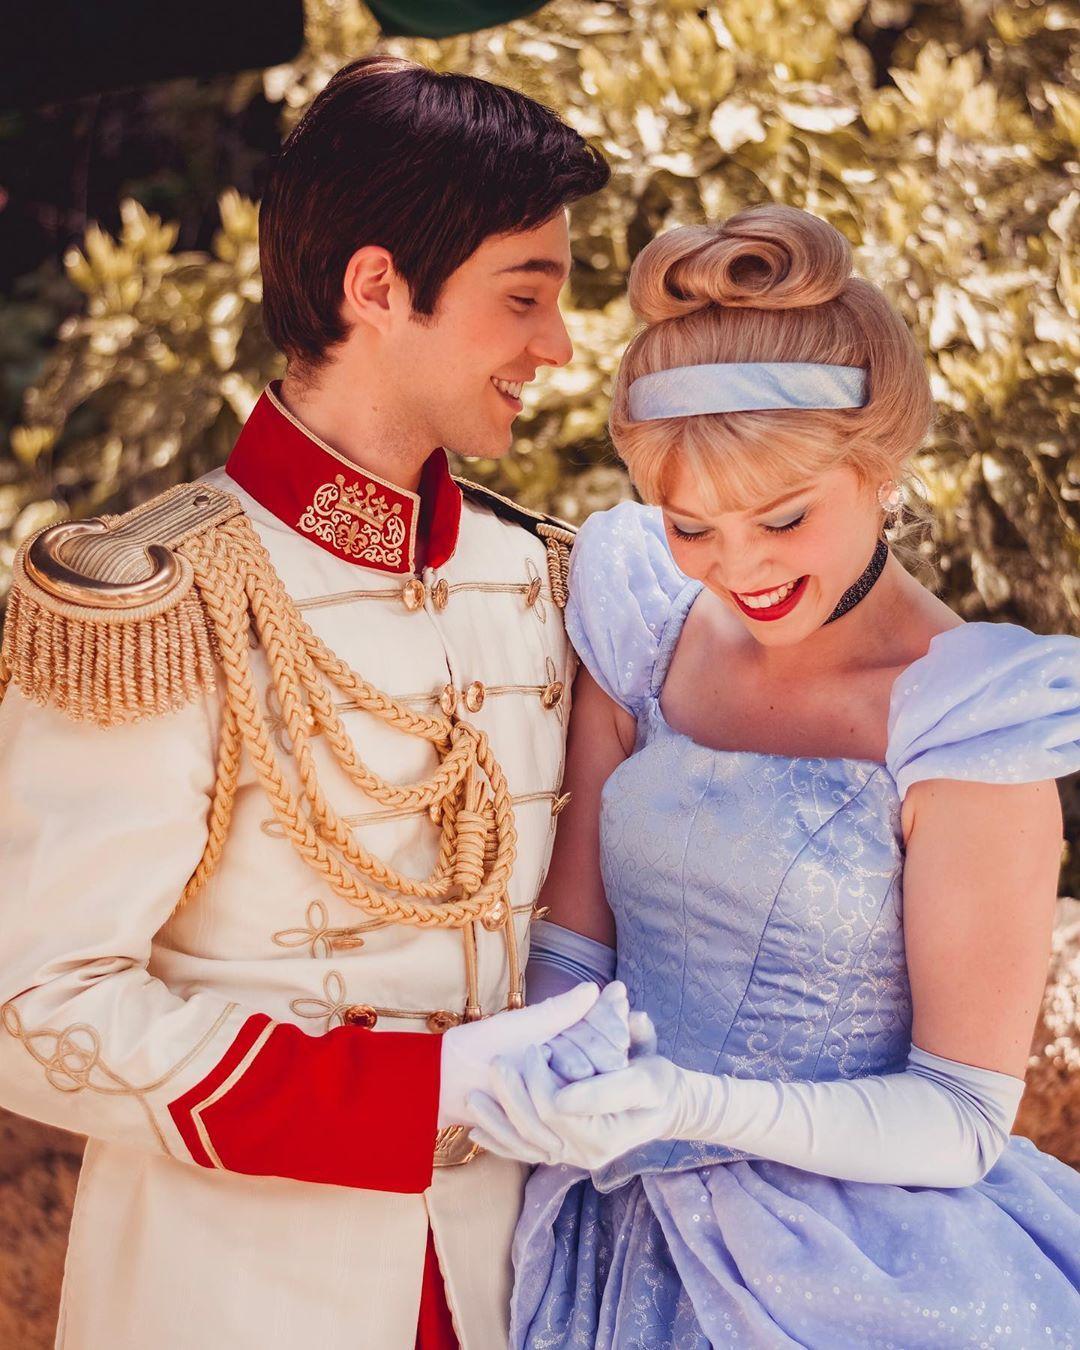 L Image Contient Peut Etre Une Personne Ou Plus Personnes Debout Et Enfant Cinderella Disney Classic Disney Movies Disney Princes Funny